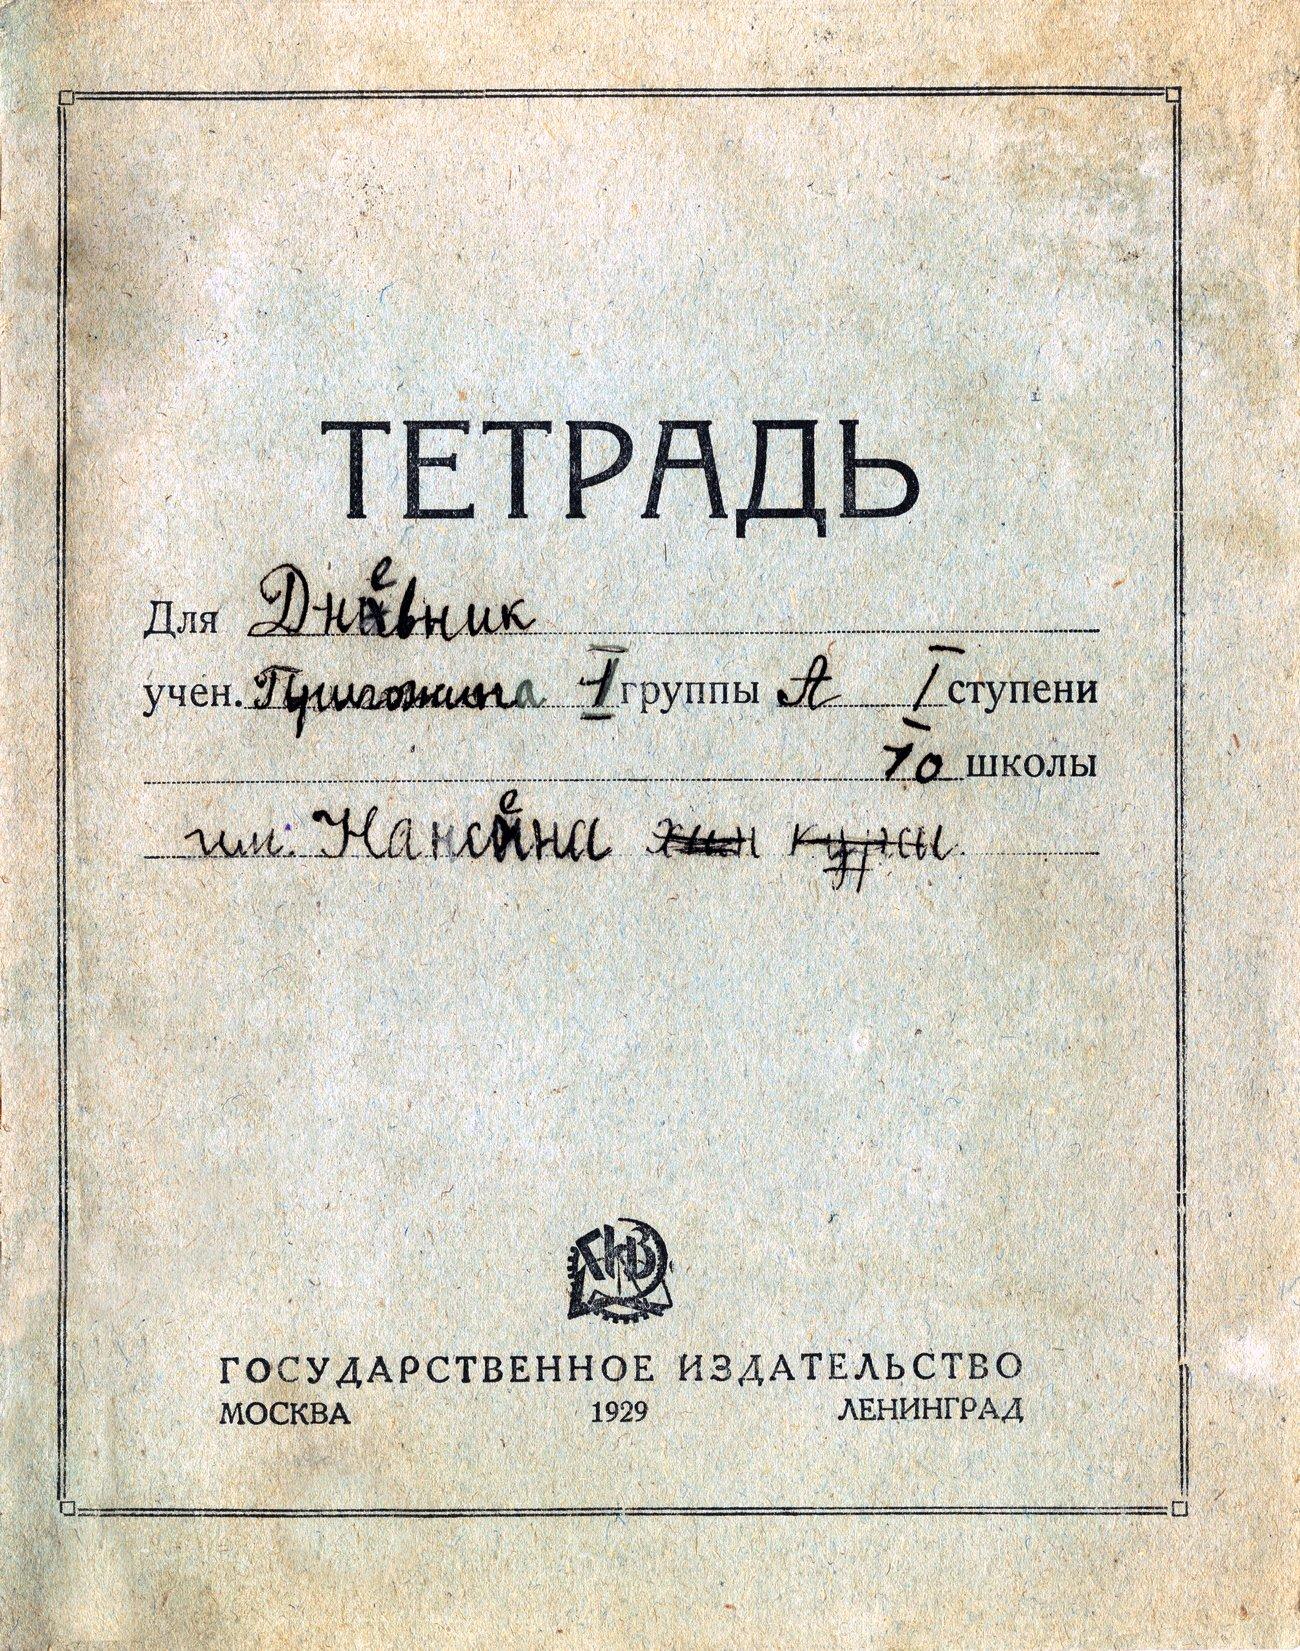 Тетрадь СССР (34), 140x215